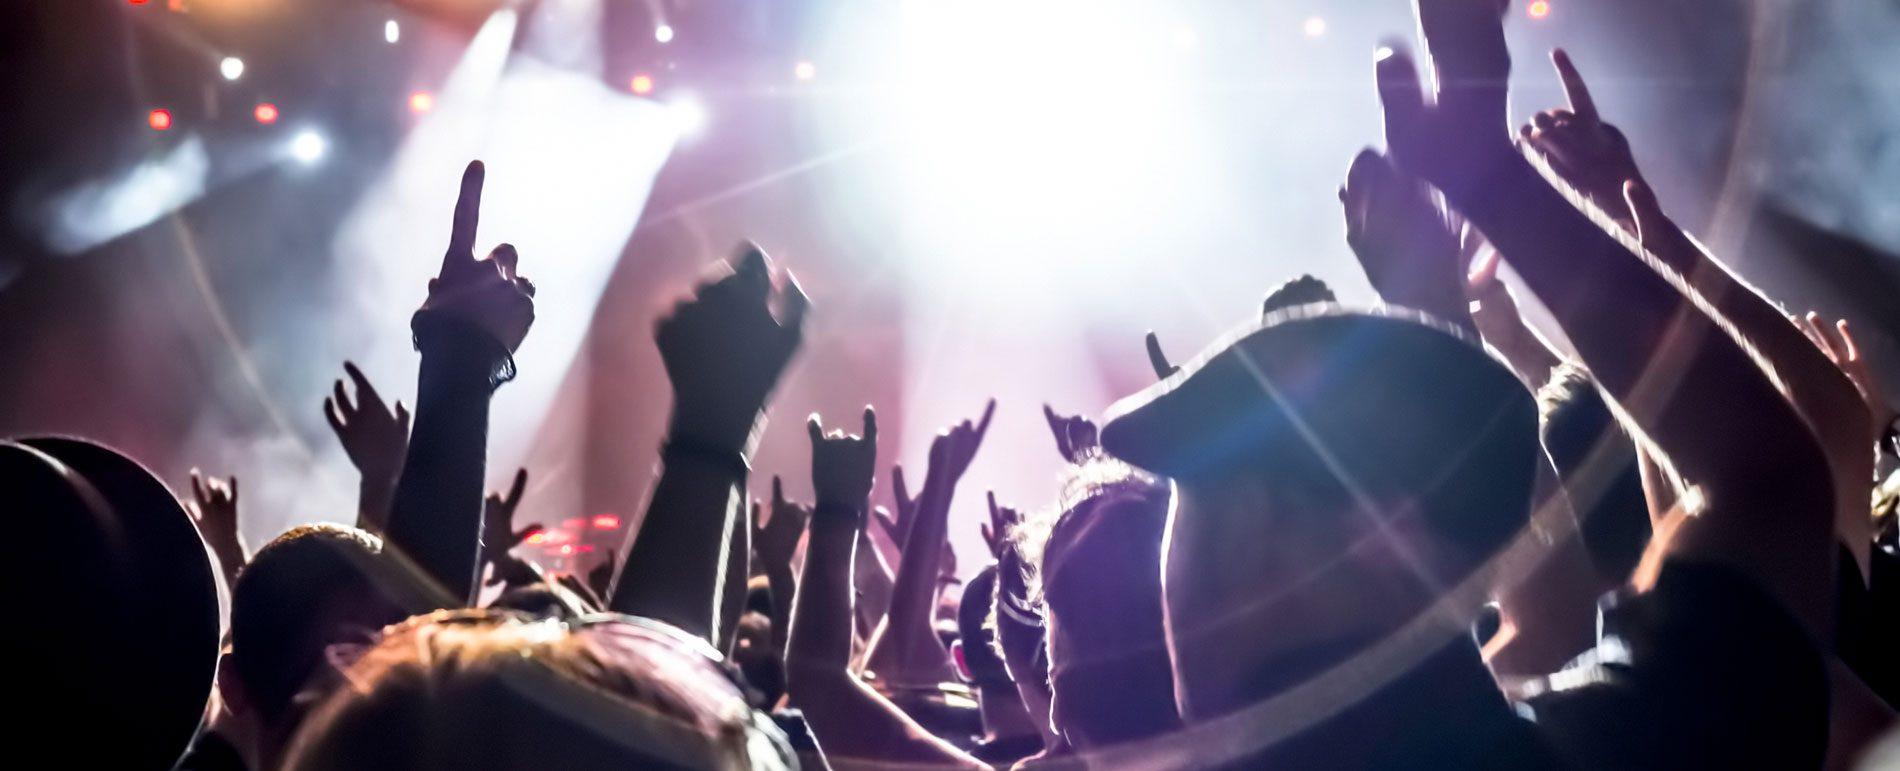 pocono mountain entertainment concert